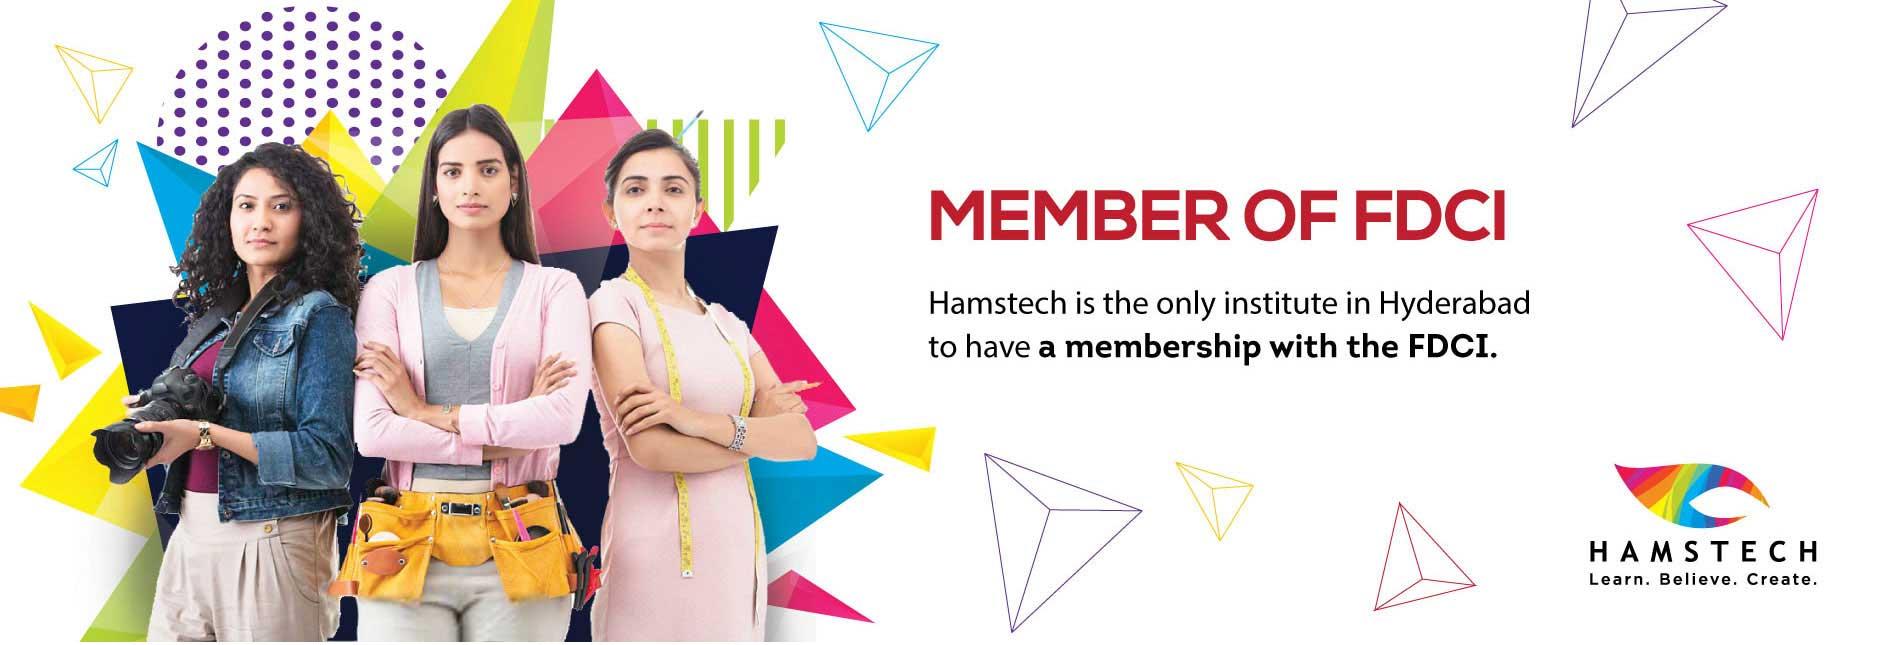 Member of FDCI